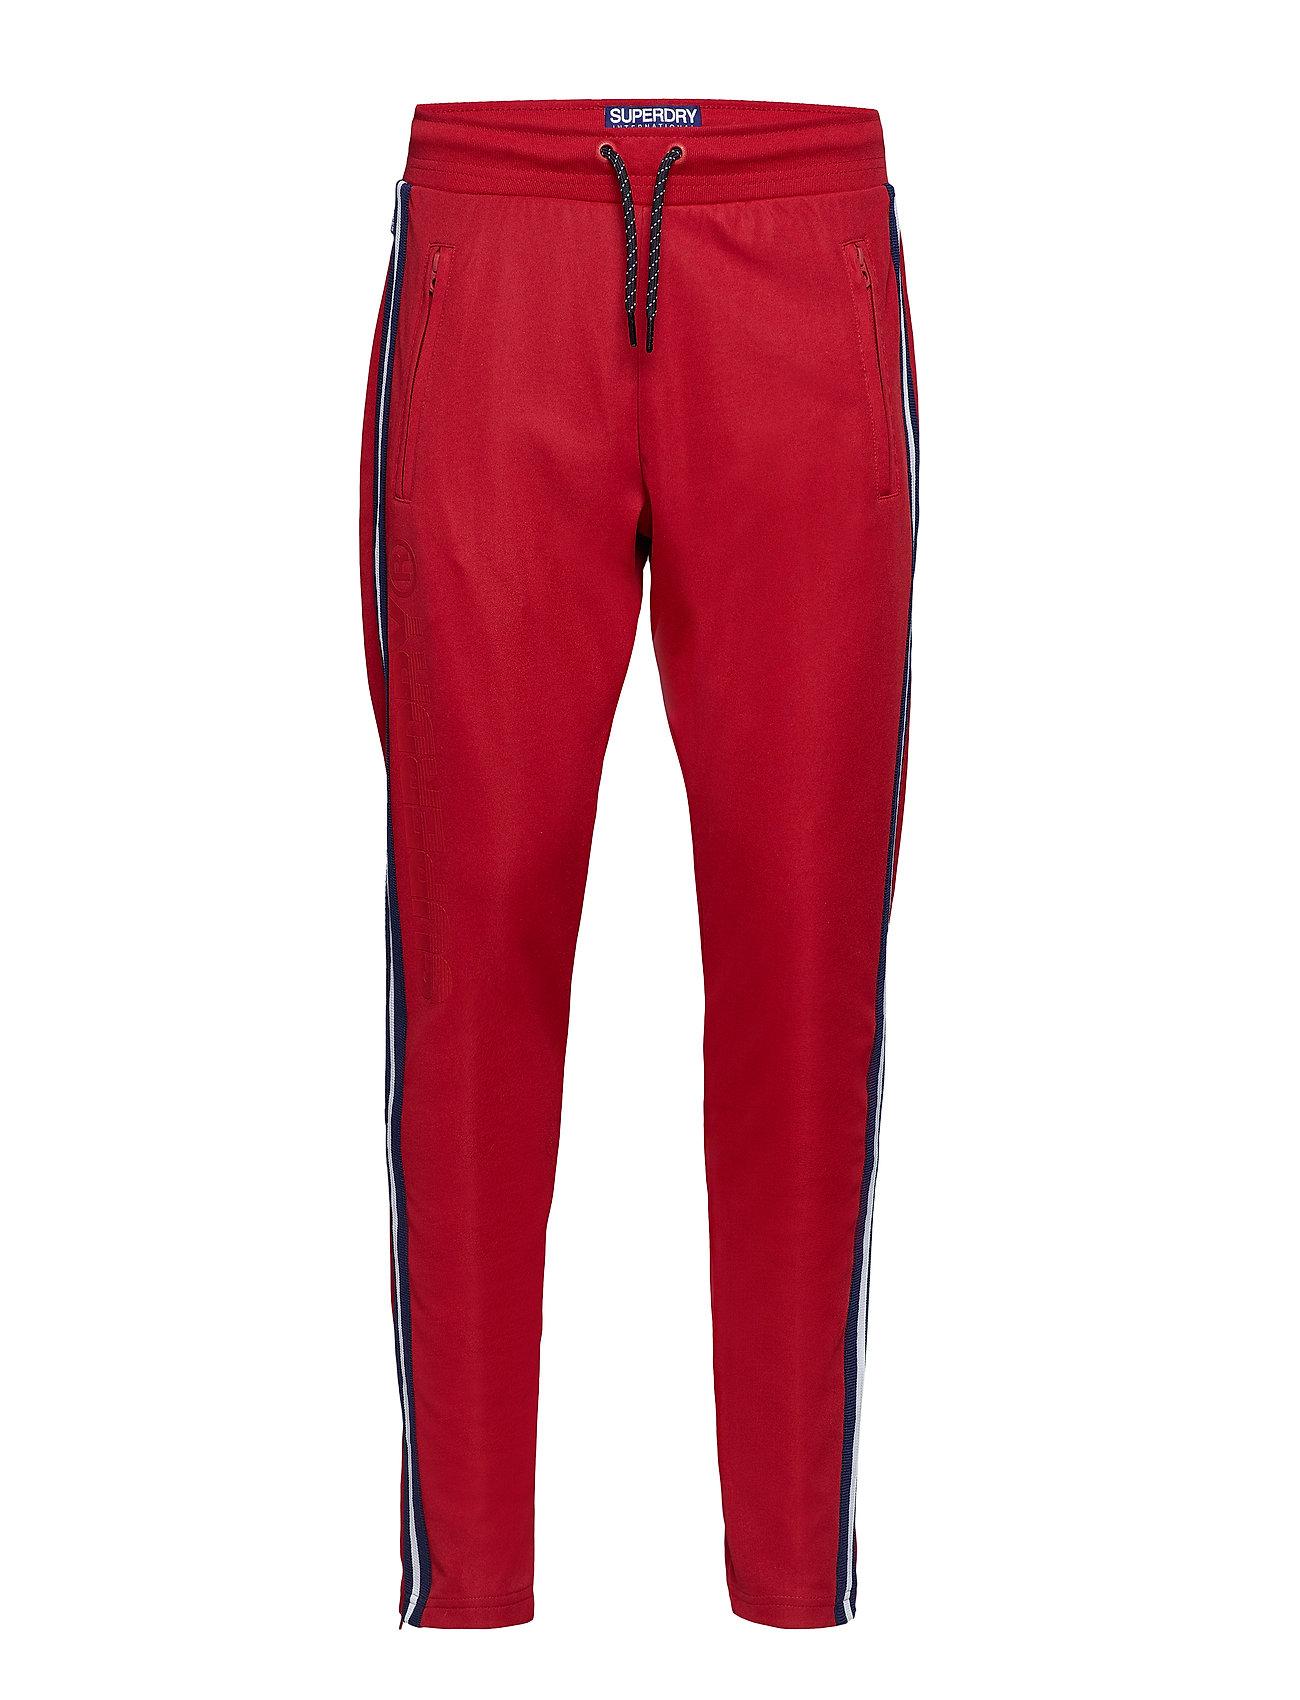 Superdry LINEMAN SLIM SPRINT JOGGER - TRACK RED